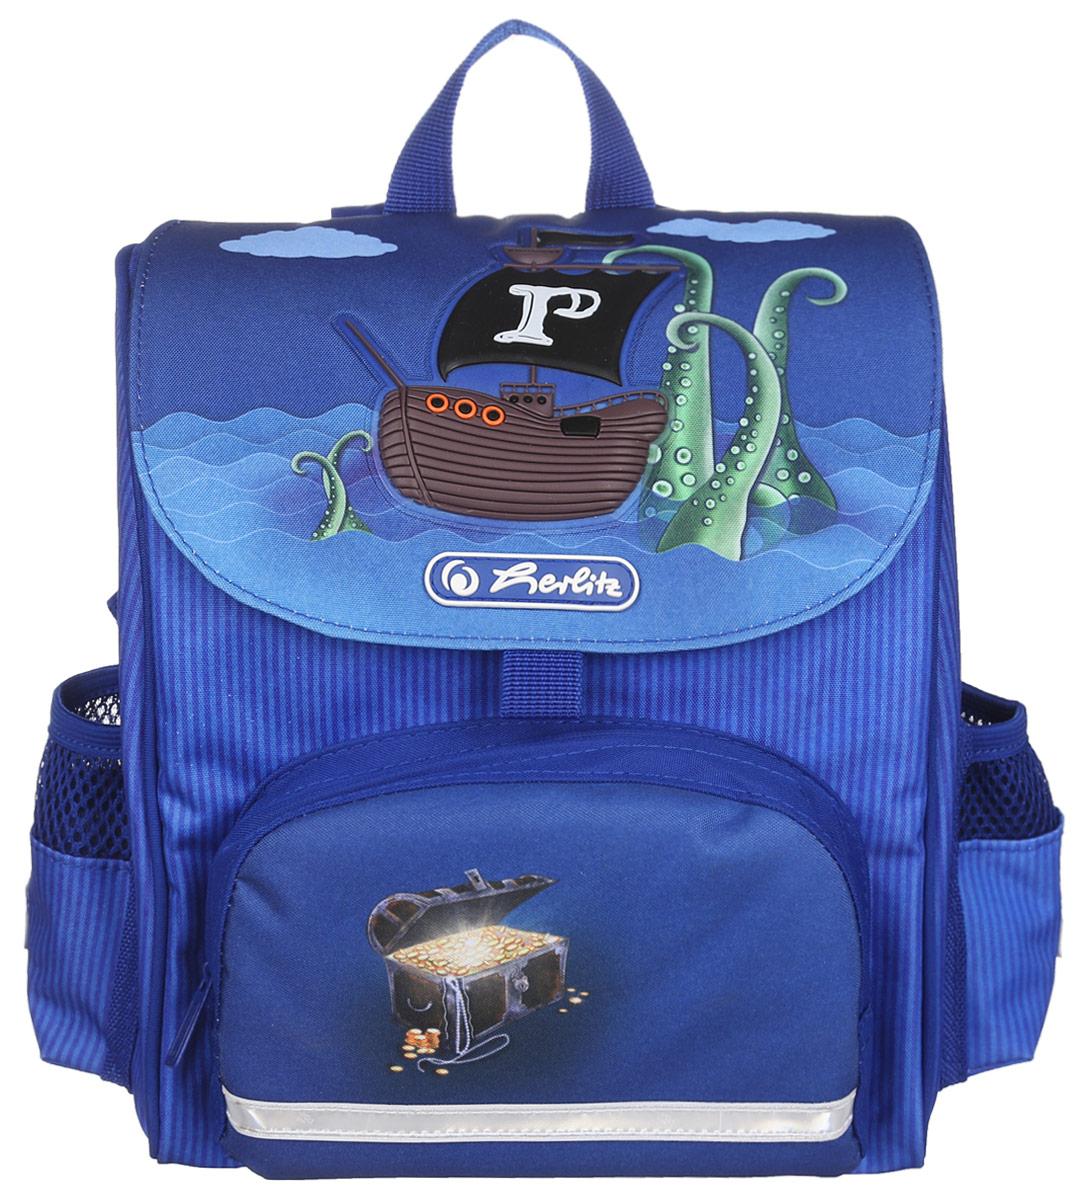 Herlitz Рюкзак дошкольный Mini Softbag11408325Дошкольный рюкзак Herlitz Mini Softbag - это идеальная модель, разработанная специально для дошкольников.Рюкзак оснащен всеми деталями взрослого школьного изделия. Рюкзак имеет одно просторное внутреннее отделение, закрывающееся клапаном на липучку. На лицевой стороне рюкзака находится накладной карман на молнии, а по бокам - два открытых кармана на резинках. В рюкзак превосходно поместятся цветные мелки, книжки-раскраски и игрушки. Рюкзак легко открывается и закрывается благодаря застежке на липучке Velcro Fastener.Ортопедическая спинка, созданная по специальной технологии из дышащего материала, равномерно распределяет нагрузку на плечевые суставы и спину. В нижней части спинки расположен поясничный упор - небольшой валик, на который при правильном ношении рюкзака будет приходиться основная нагрузка.Изделие оснащено удобной текстильной ручкой для переноски в руке и двумя лямками регулируемой длины. У рюкзака имеются светоотражатели.